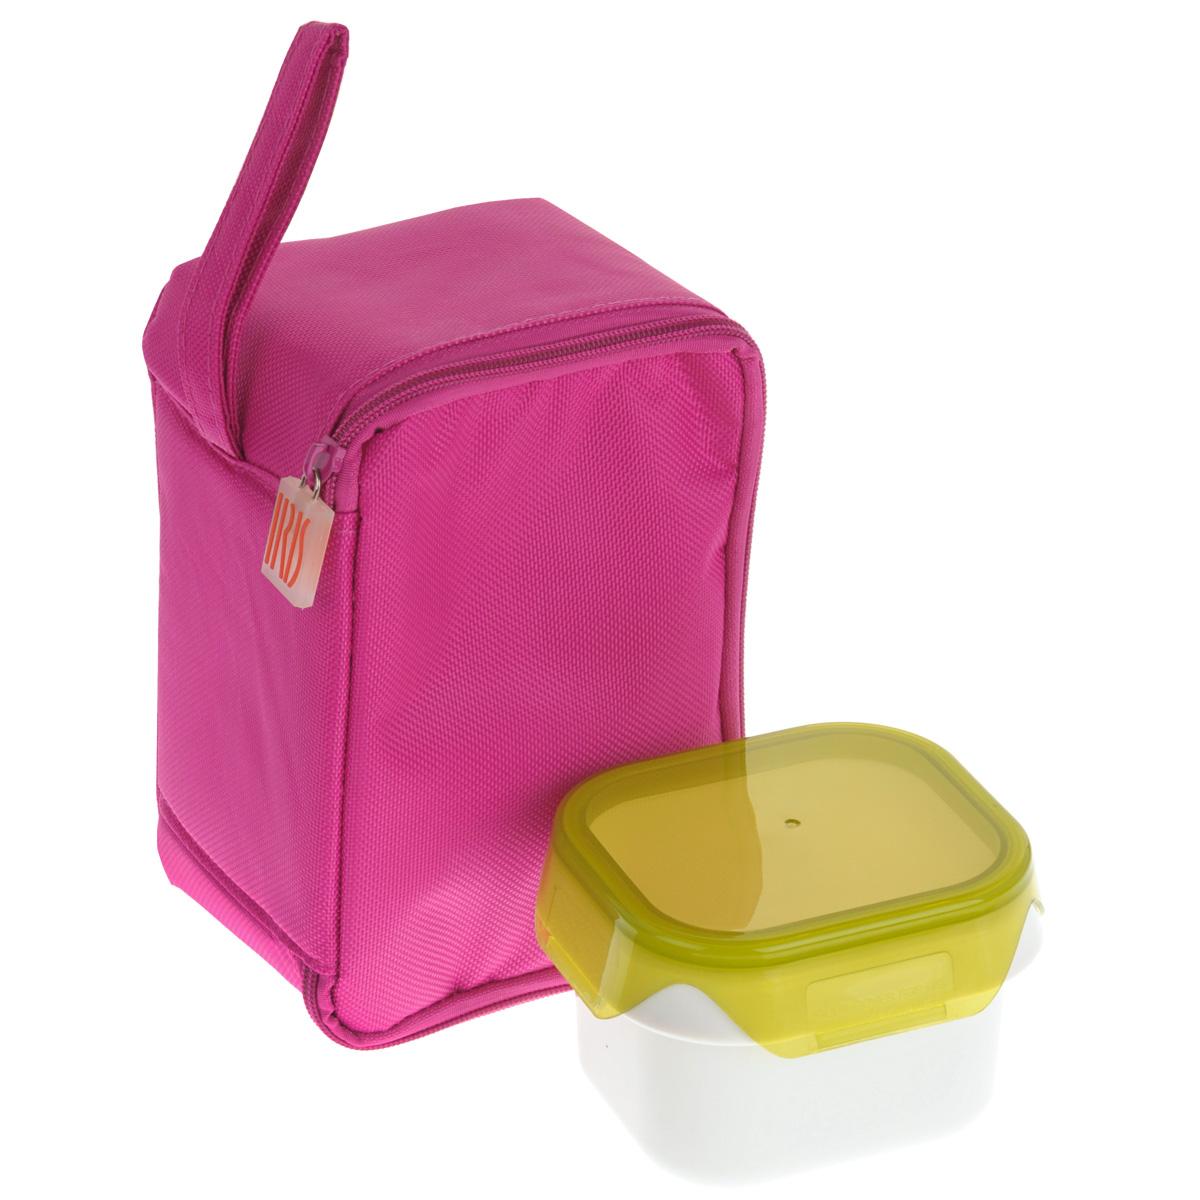 Термоланчбокс Iris Barcelona Baby Lunch, с контейнером, цвет: розовый9696-TИзотермическая сумка-ланчбокс Iris Barcelona Baby Lunch – идеальное решение, чтобы взять с собой обед для вашего ребенка. Ее можно взять с собой куда угодно: на учебу, на прогулку или в путешествие. В течение нескольких часов ланчбокс сохранит еду свежей и вкусной. Есть ручка для переноски в одной руке. В комплект входит 1 герметичный контейнер 0,45 л с прозрачной крышкой. Он подходит для использования в морозильнике, микроволновой печи. Можно мыть в посудомоечной машине. Также в ланчбоксе предусмотрено место для йогурта, крекеров или фруктов. Не содержит Бисфенола А.